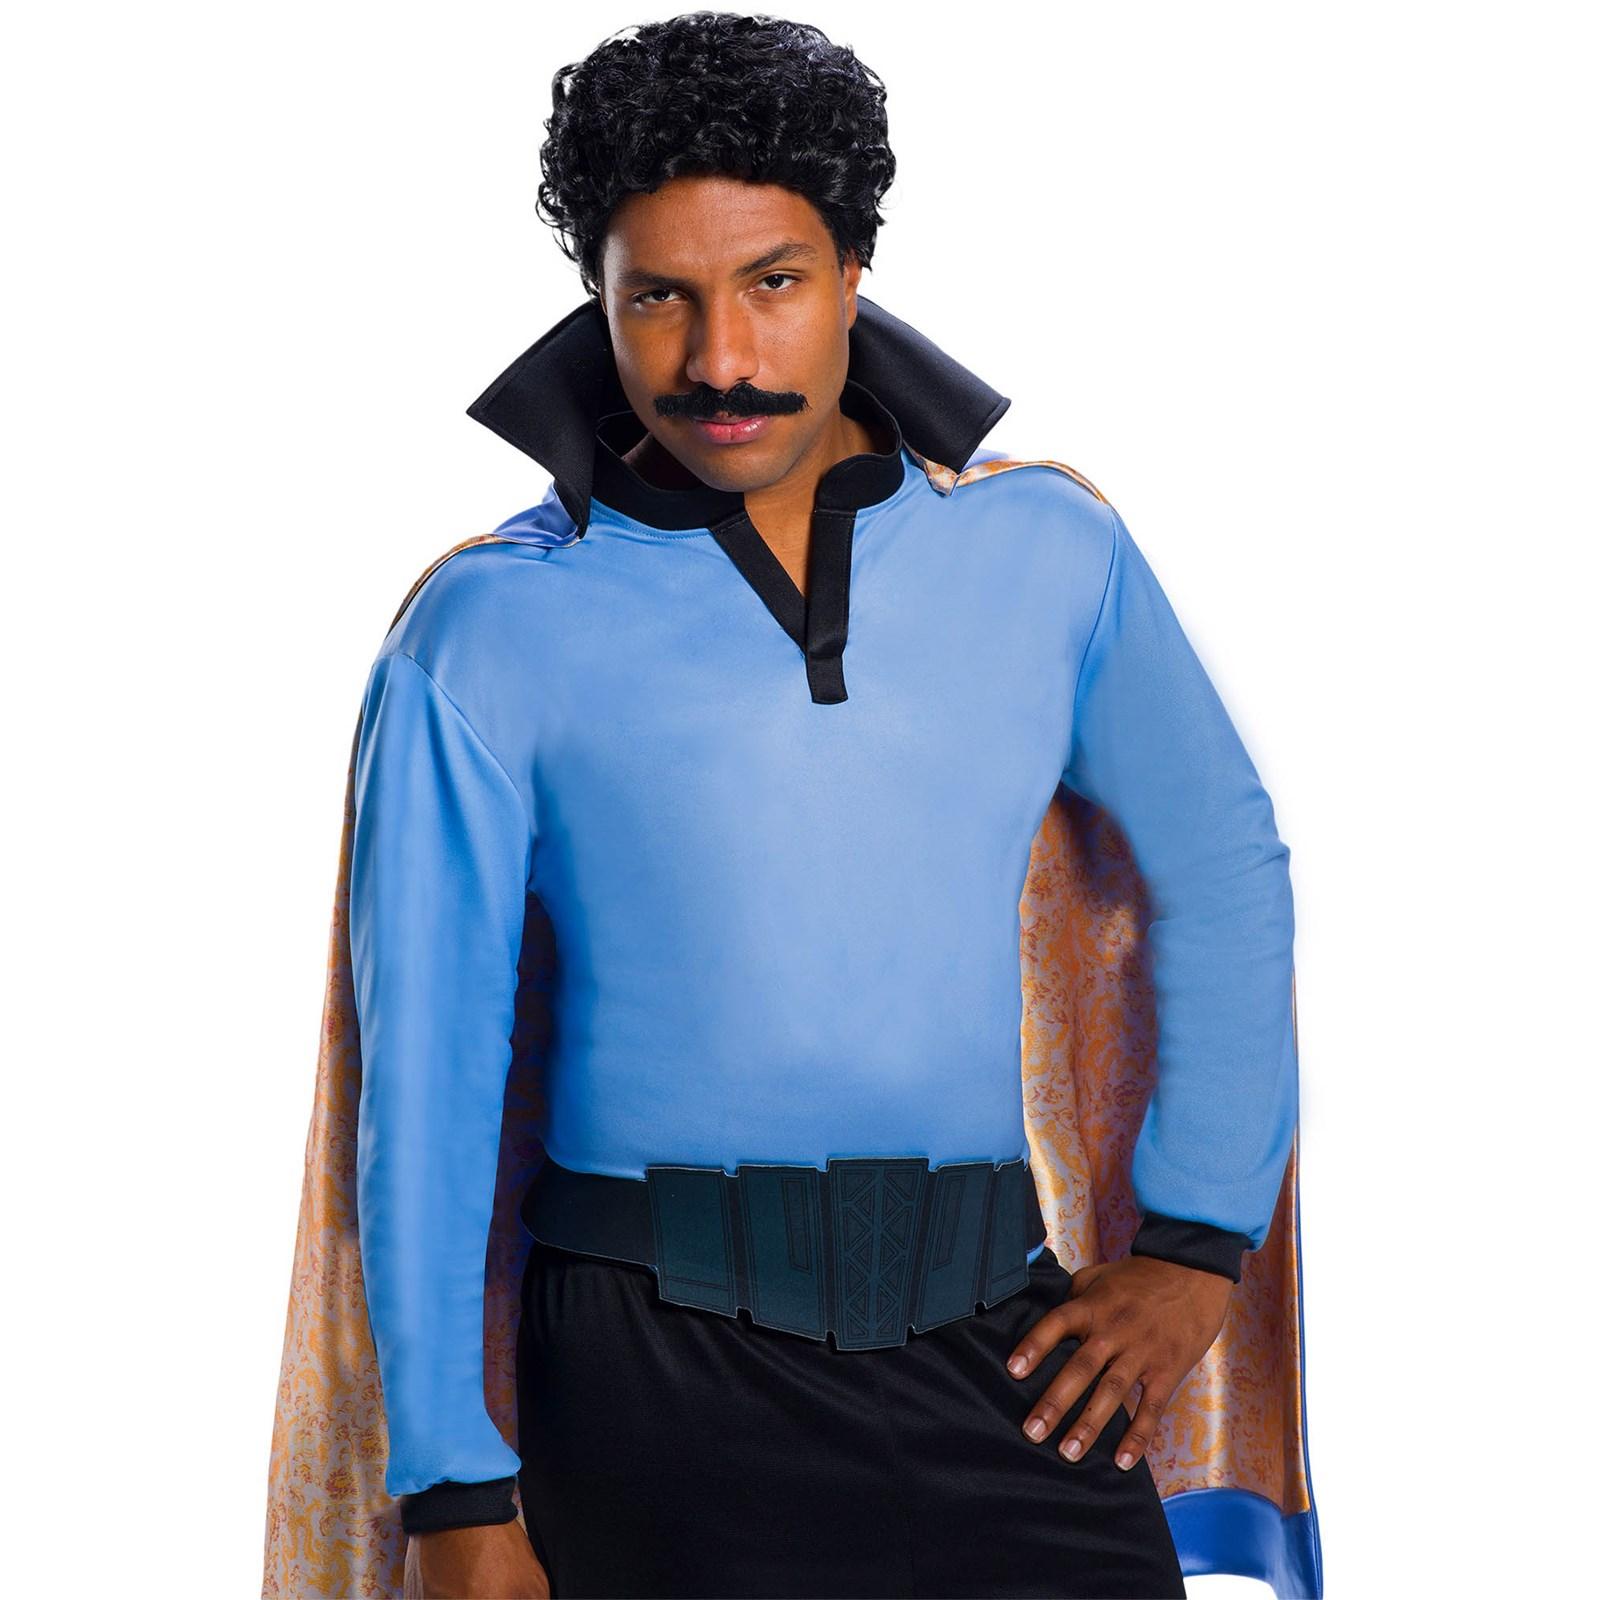 Lando Mustache and Wig Set